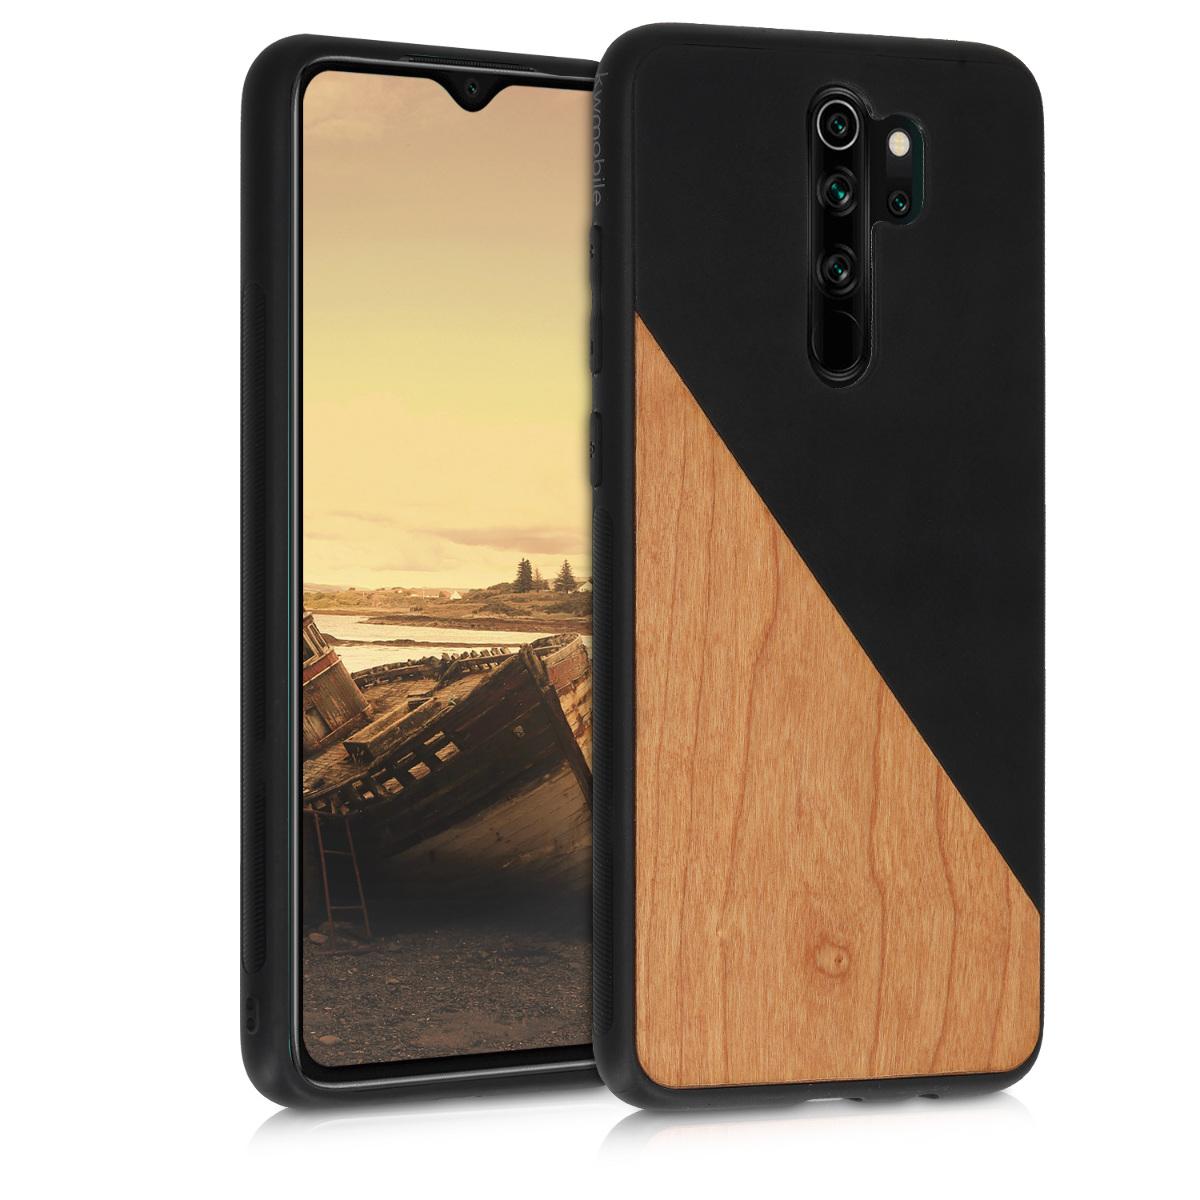 Dřevěné pouzdro | obal pro Xiaomi Redmi Note 8 Pro - Two-Tone dřevěný černý / hnědý